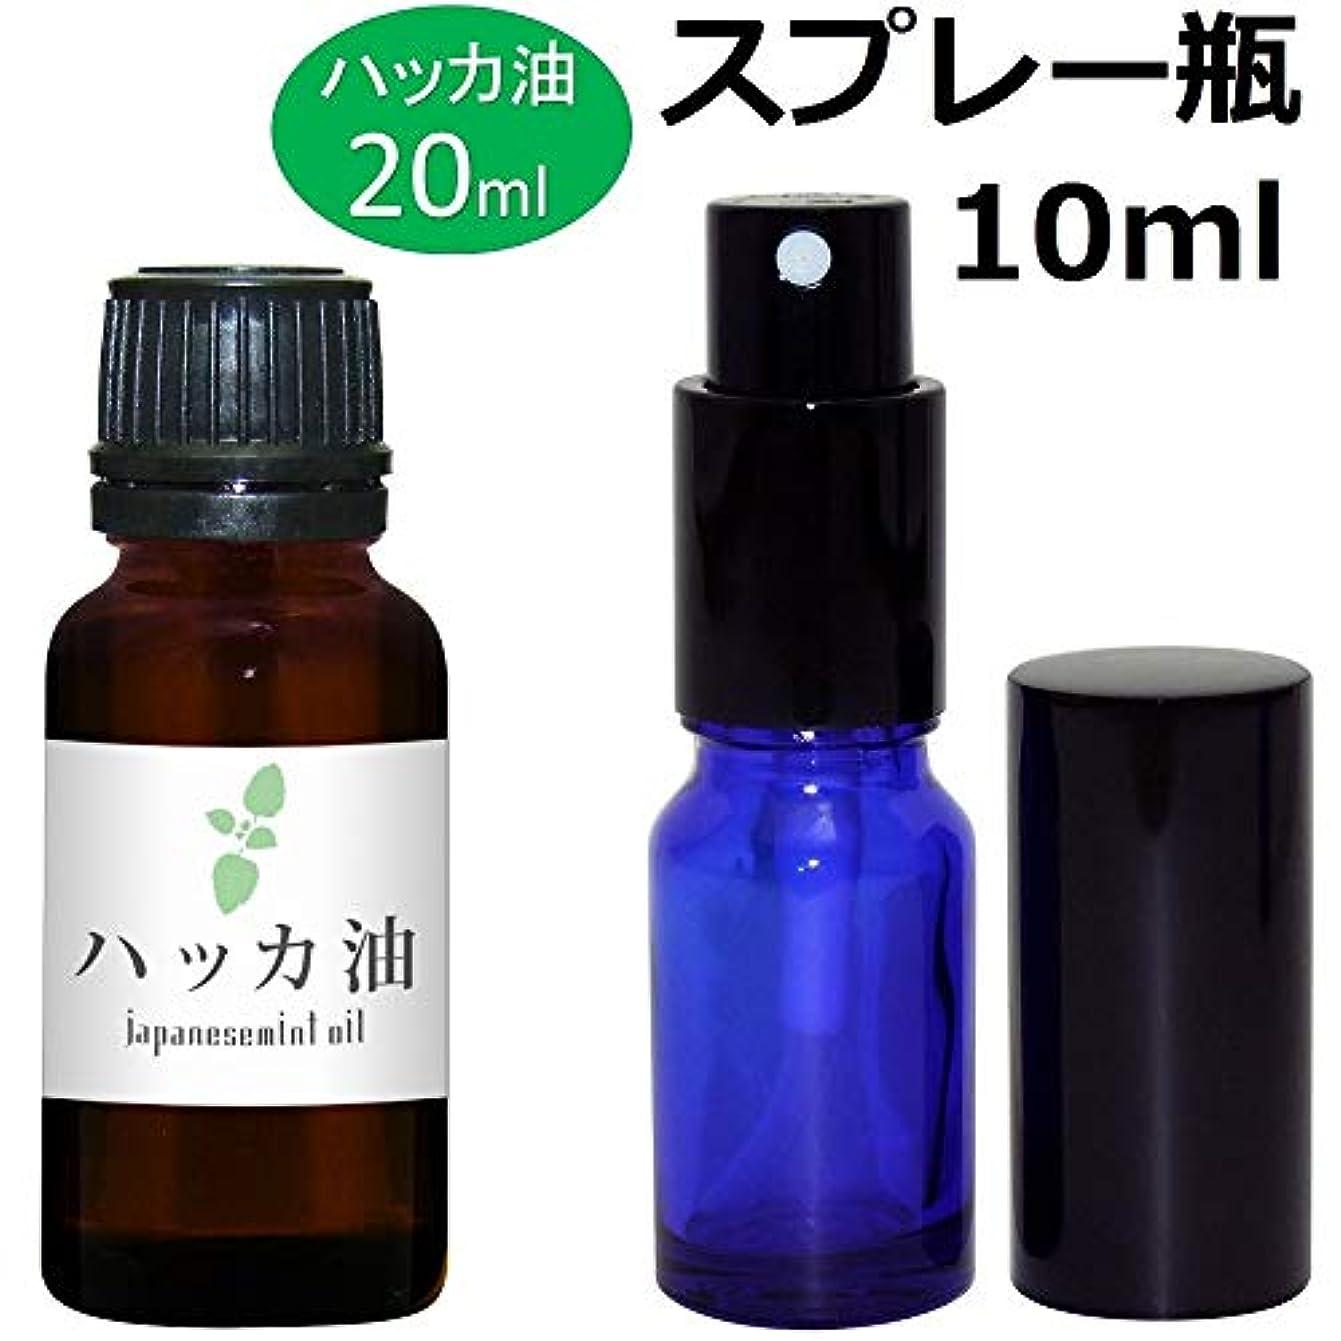 ゴミ箱楽なワットガレージ?ゼロ ハッカ油 20ml(GZAK12)+ガラス瓶 スプレーボトル10ml/和種薄荷/ジャパニーズミント GSE533